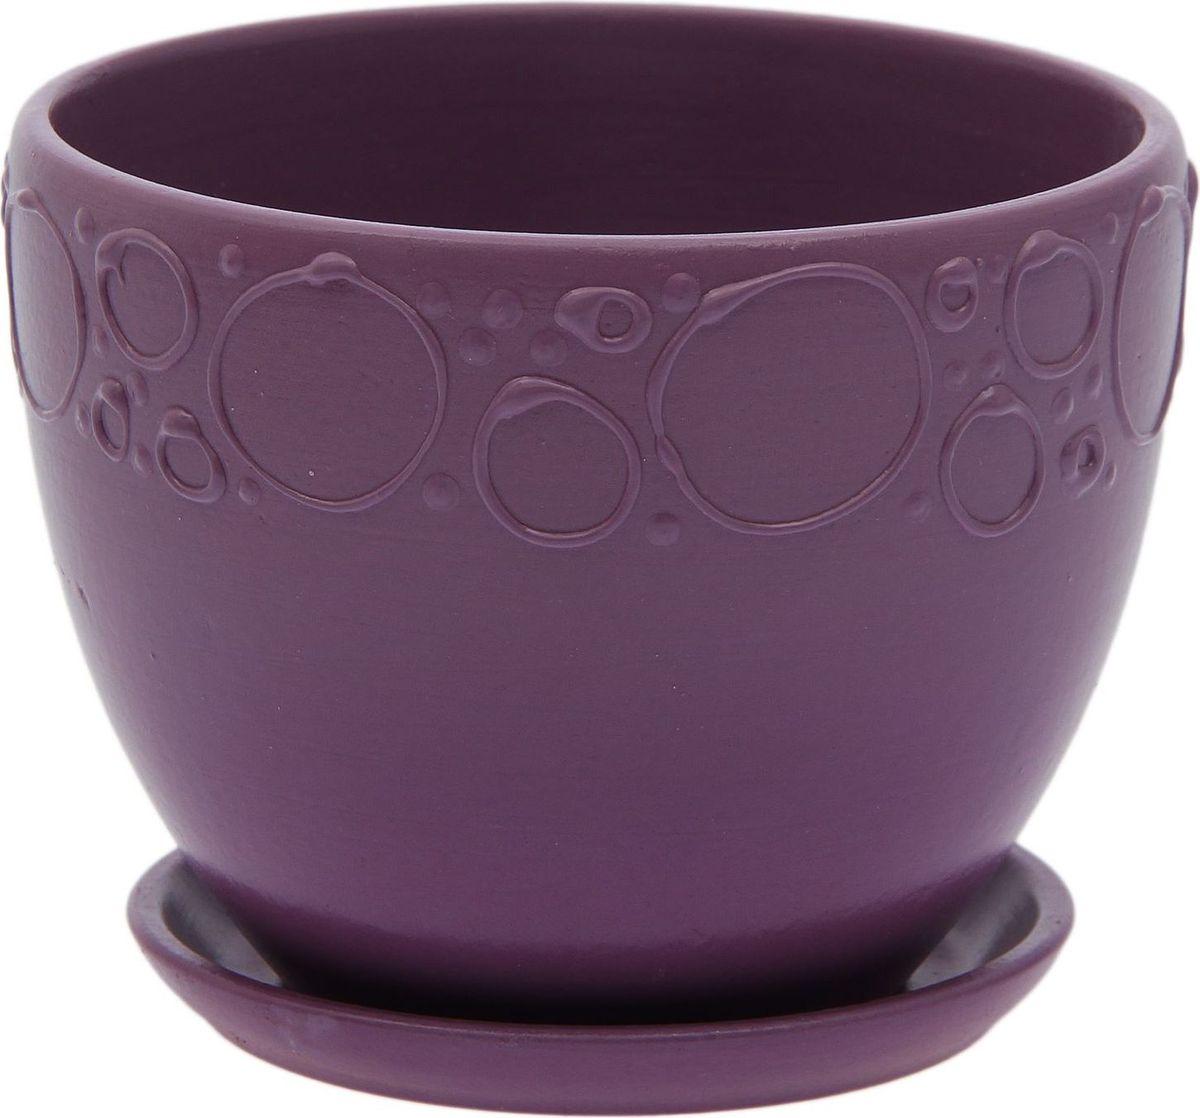 Кашпо Пузыри, цвет: фиолетовый, 0,8 л2015524Комнатные растения — всеобщие любимцы. Они радуют глаз, насыщают помещение кислородом и украшают пространство. Каждому из них необходим свой удобный и красивый дом. Кашпо из керамики прекрасно подходят для высадки растений: за счёт пластичности глины и разных способов обработки существует великое множество форм и дизайновпористый материал позволяет испаряться лишней влагевоздух, необходимый для дыхания корней, проникает сквозь керамические стенки! #name# позаботится о зелёном питомце, освежит интерьер и подчеркнёт его стиль.